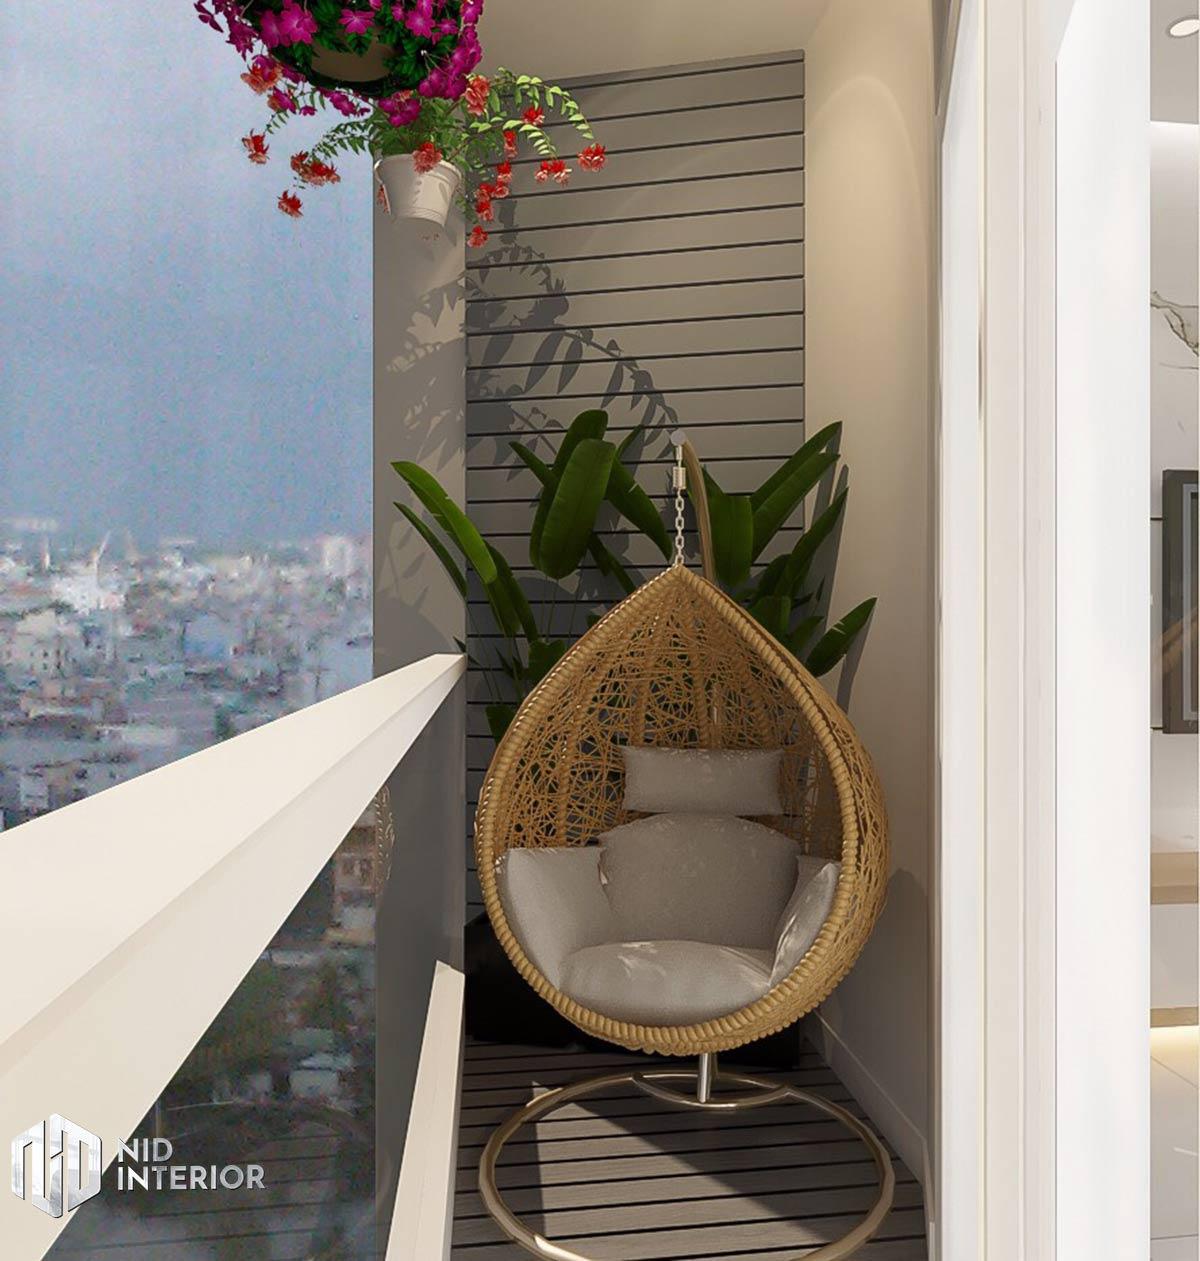 Thiết kế nội thất căn hộ DIC Phoenix - Ban công